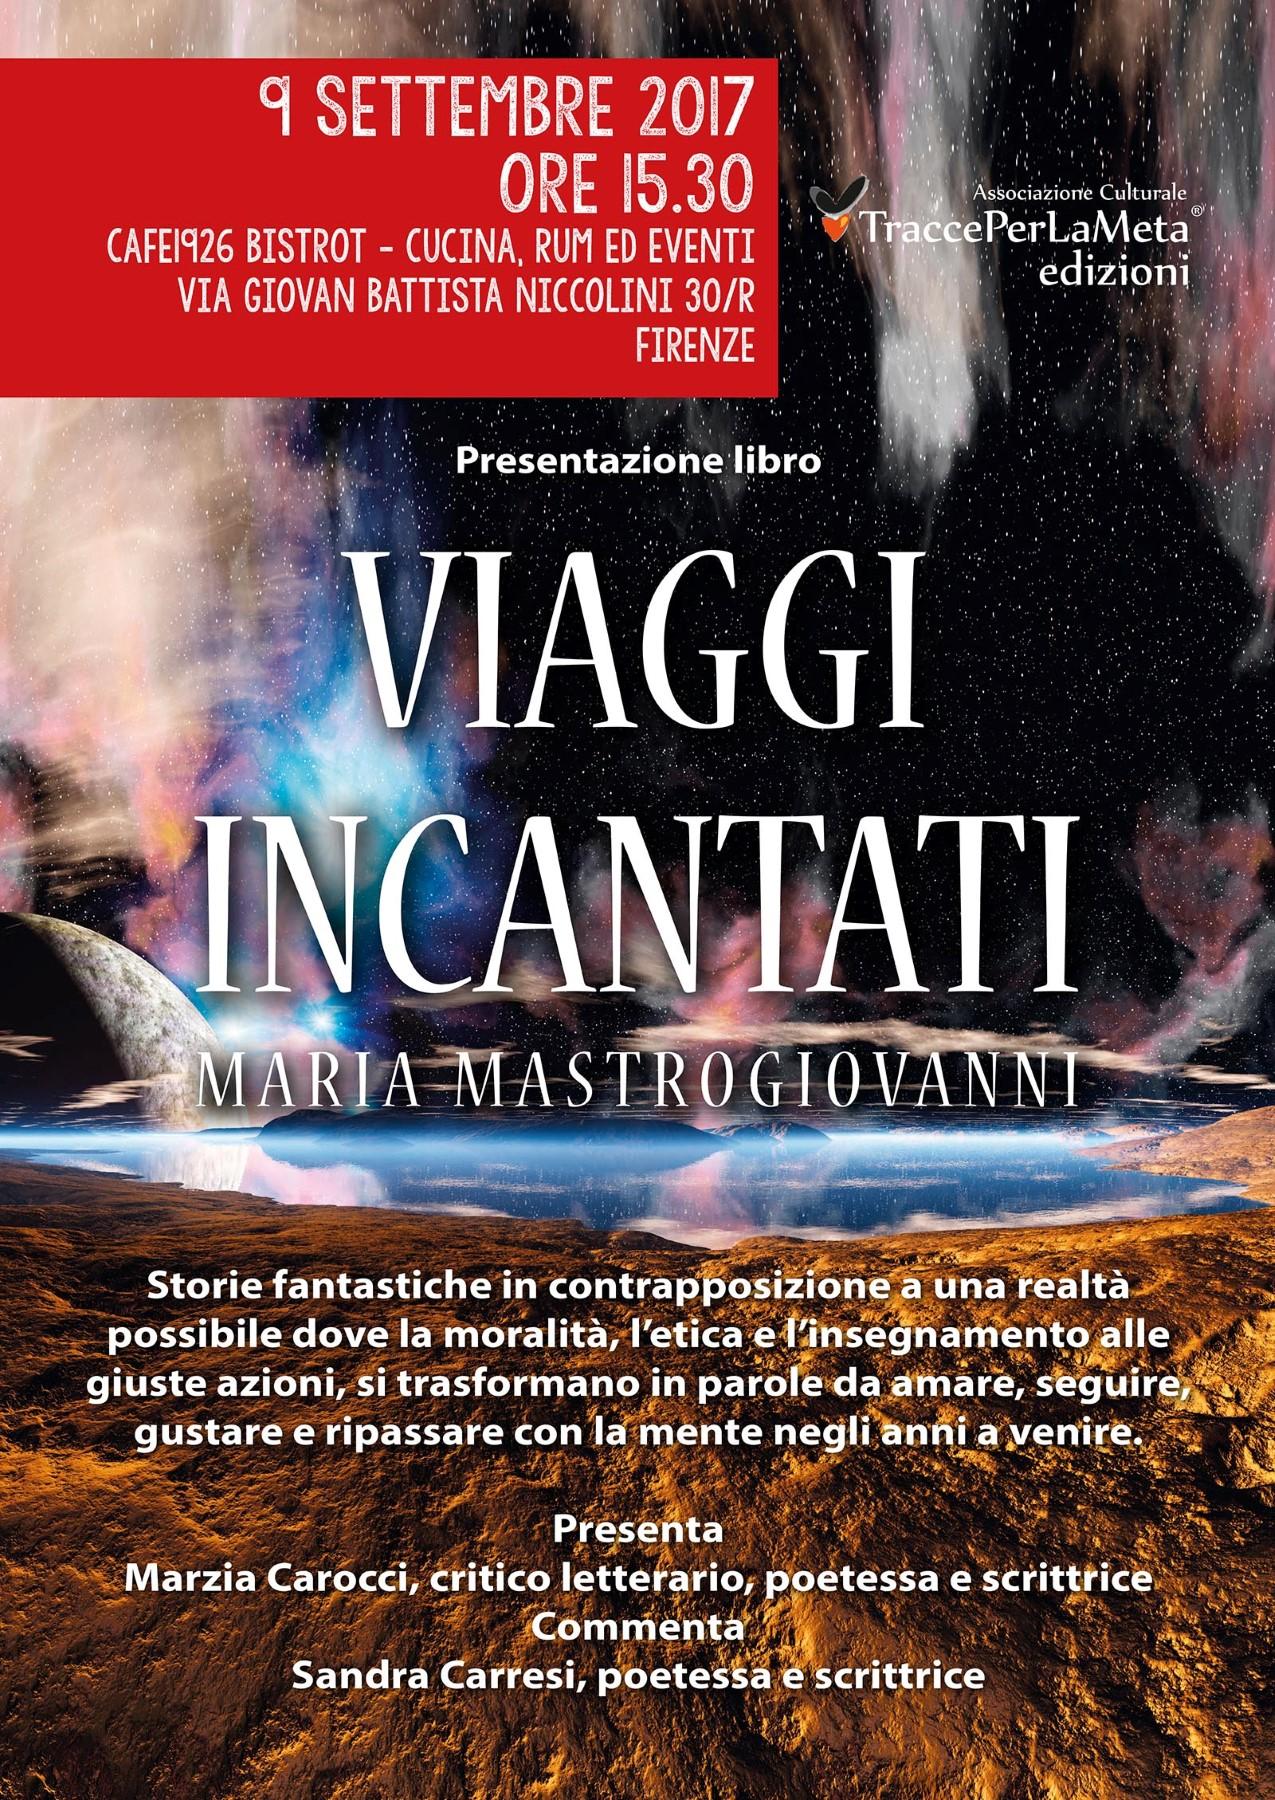 """9 settembre 2017 Presentazione Libro """"Viaggi incantati"""" di Maria Mastrogiovanni"""